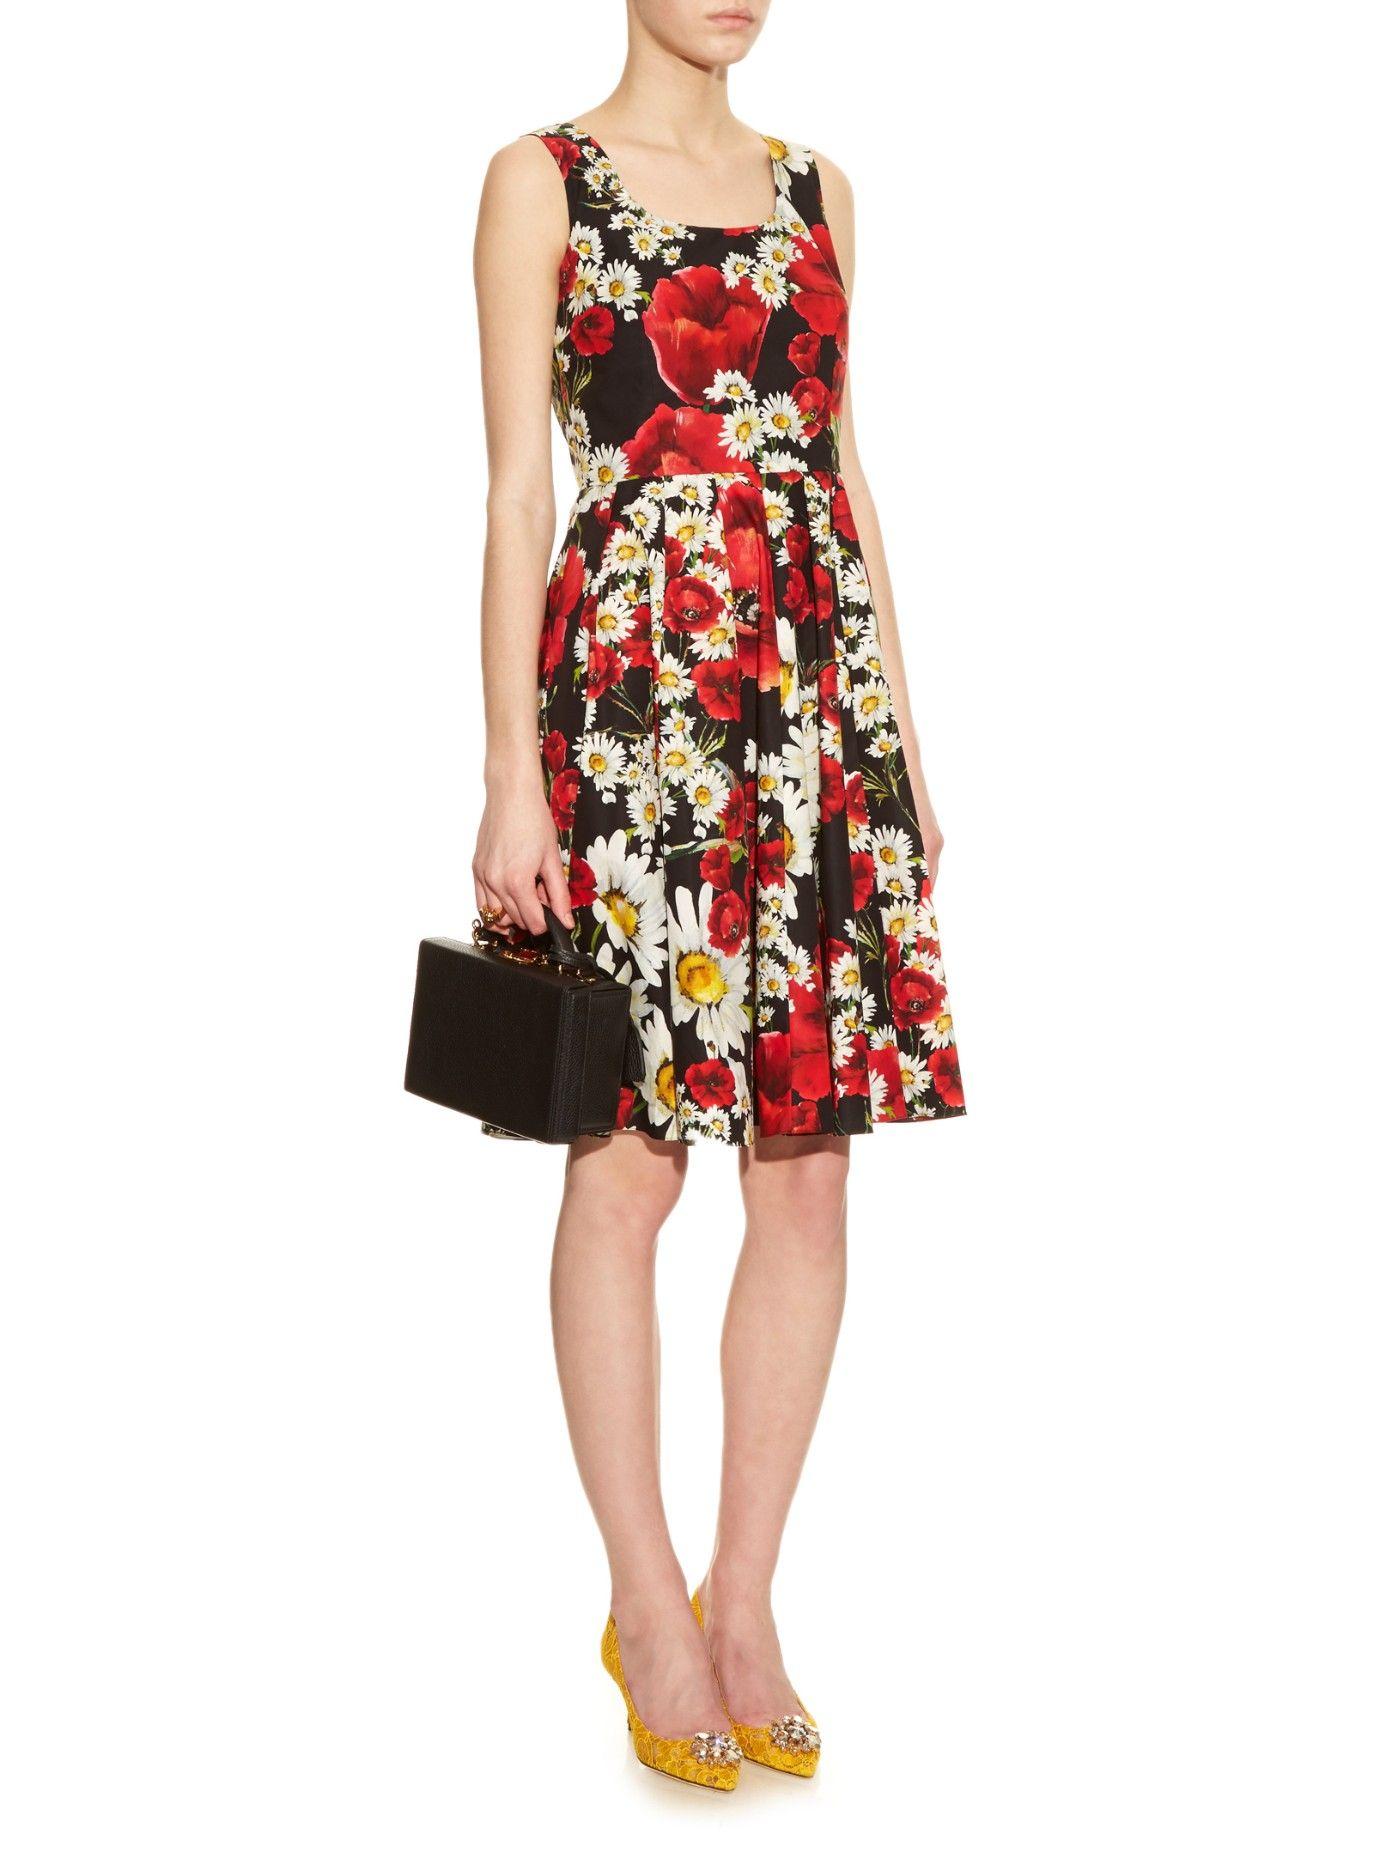 Poppy y vestido de algodón margarita impresas